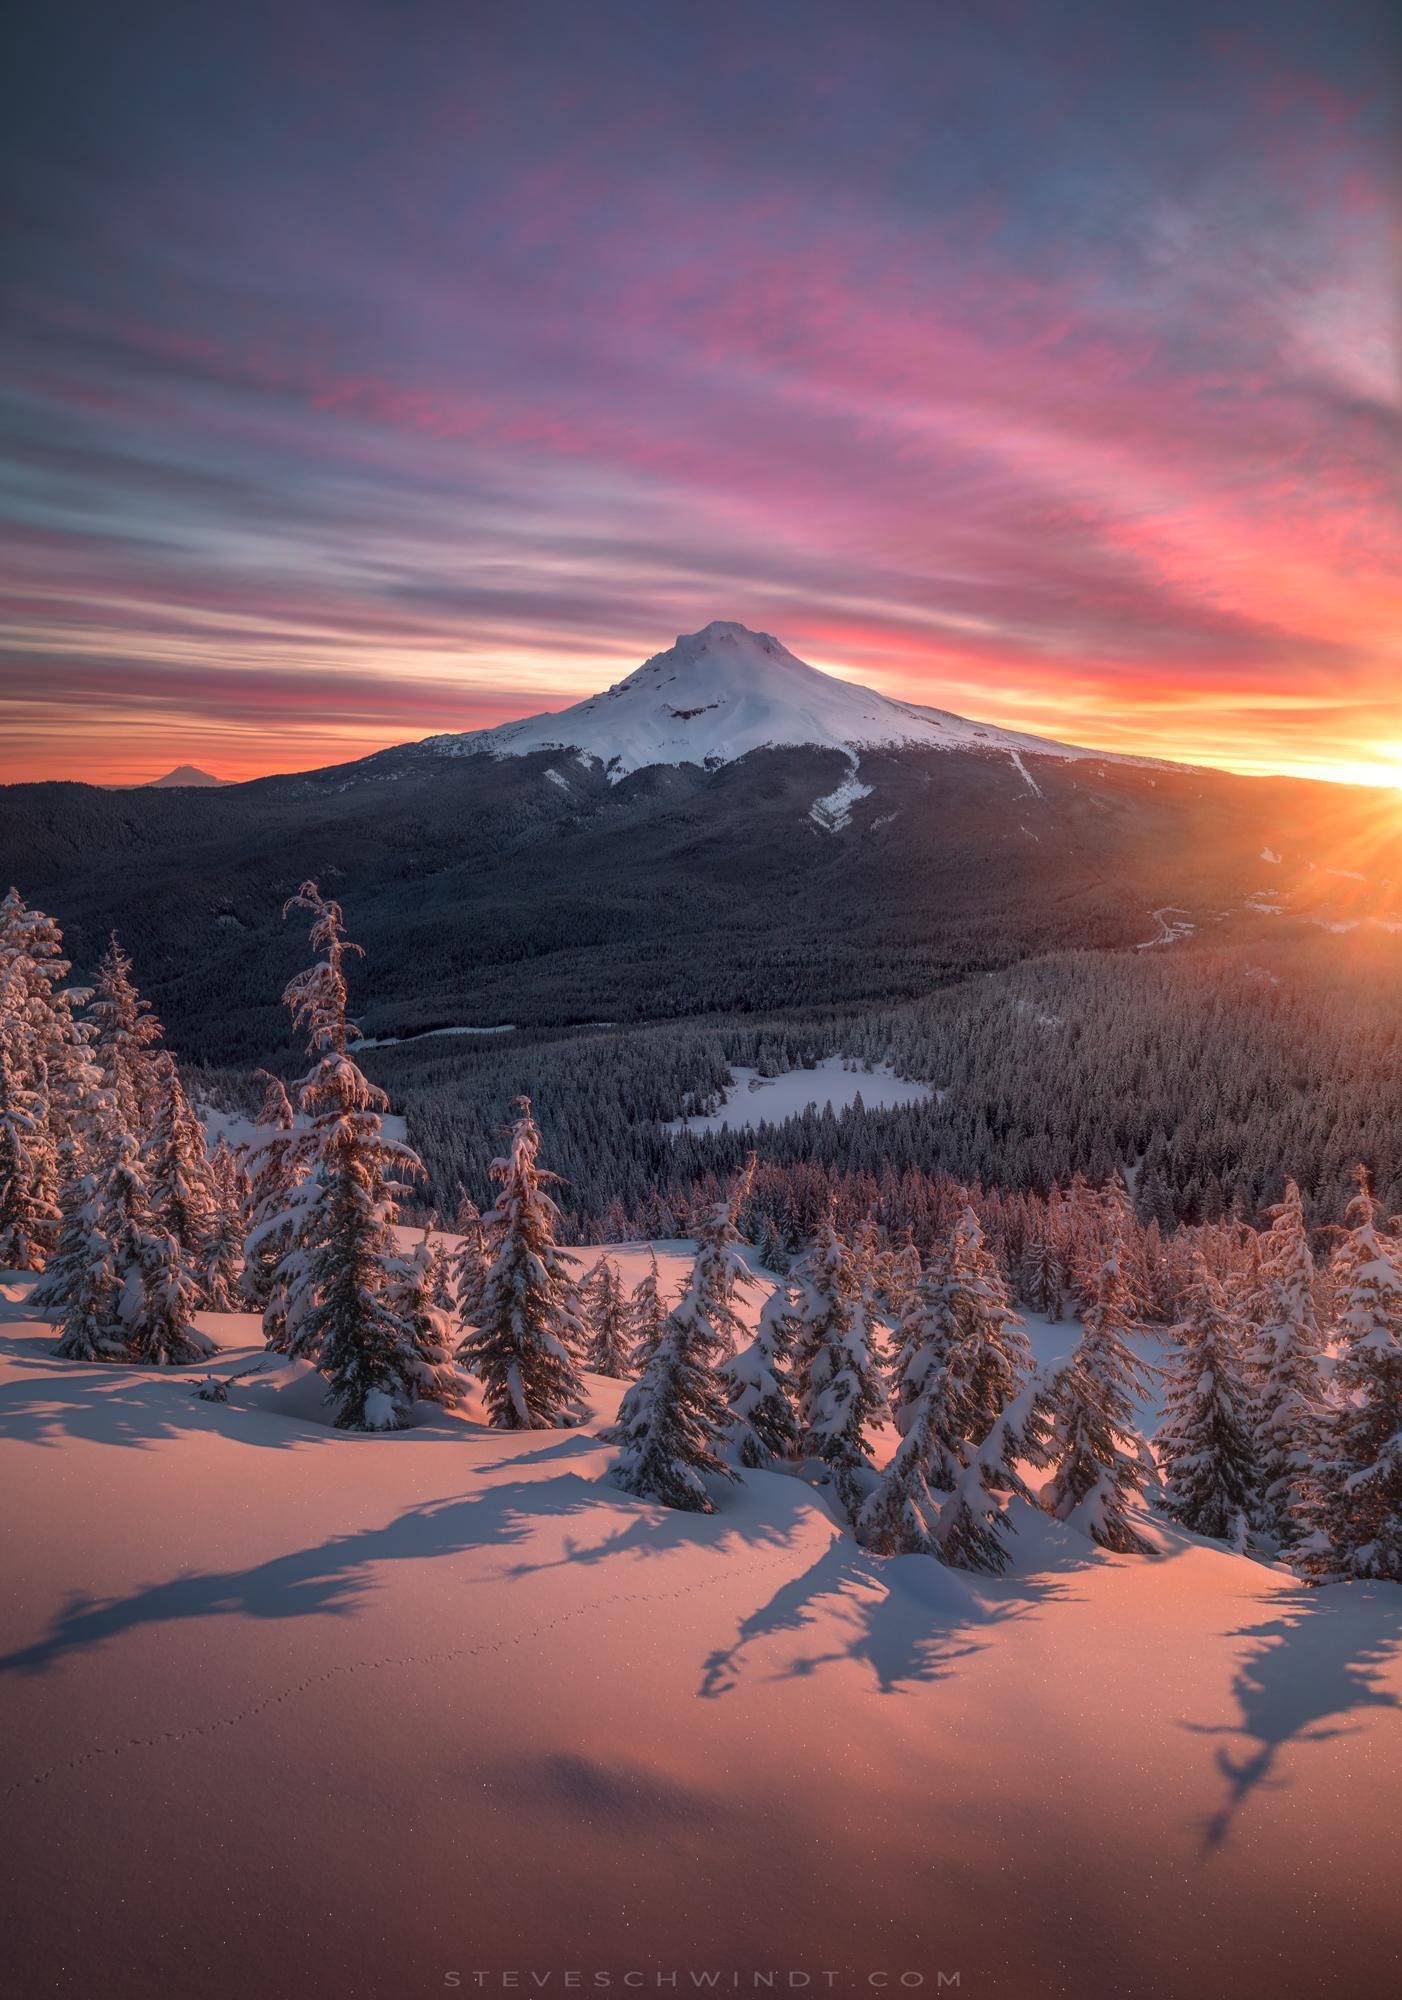 Ngắm nhìn 16 khung cảnh bình minh tuyệt đẹp trên khắp thế gian - Ảnh 1.